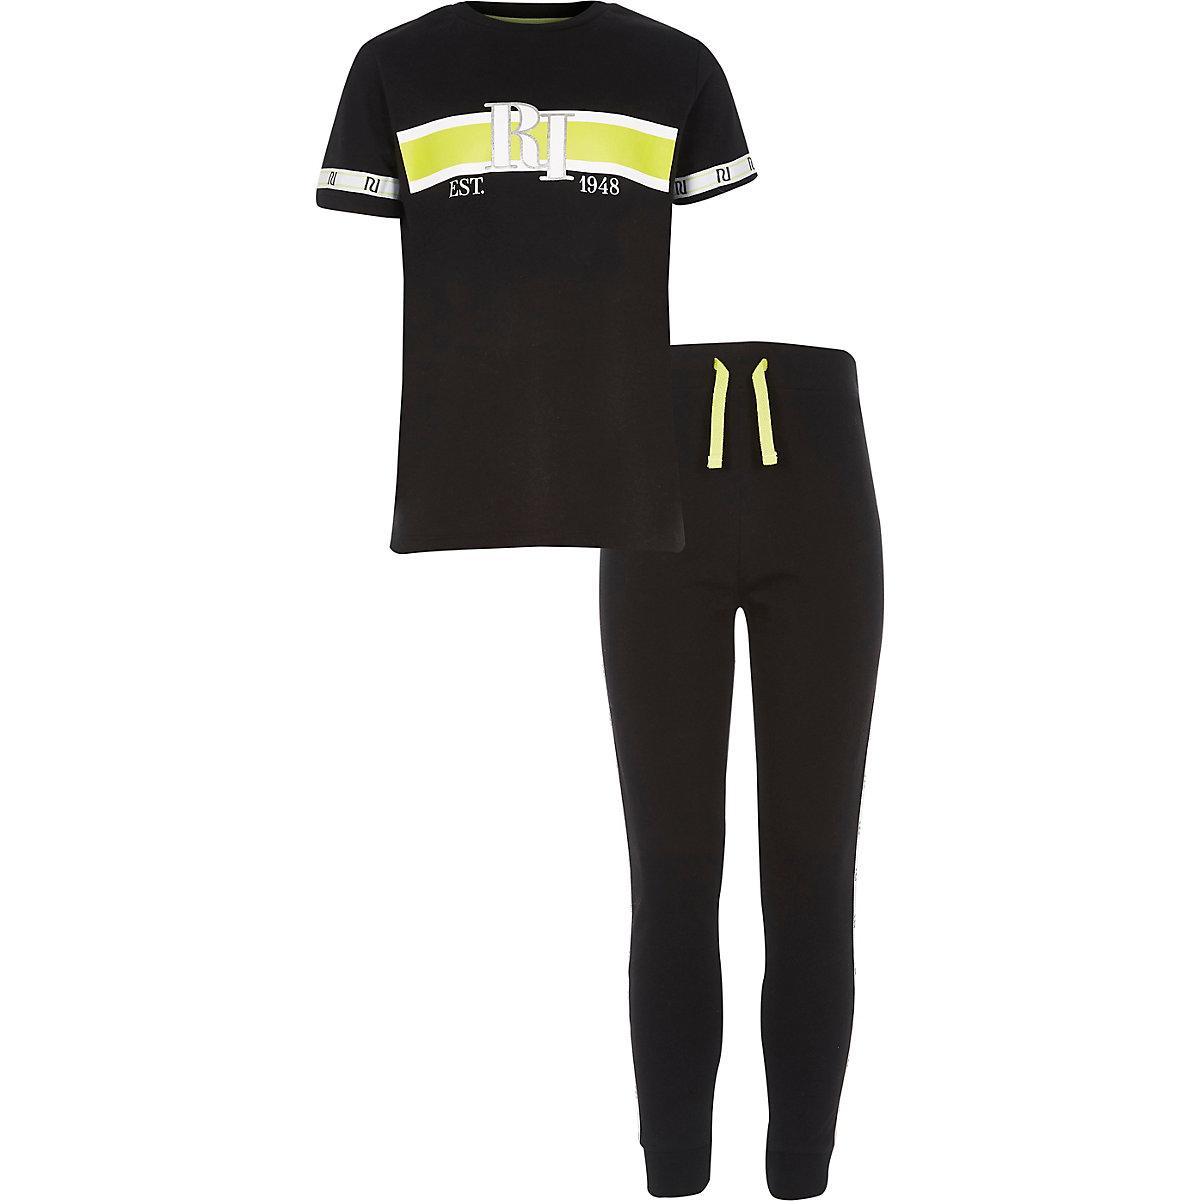 Boys black RI tape pajama set